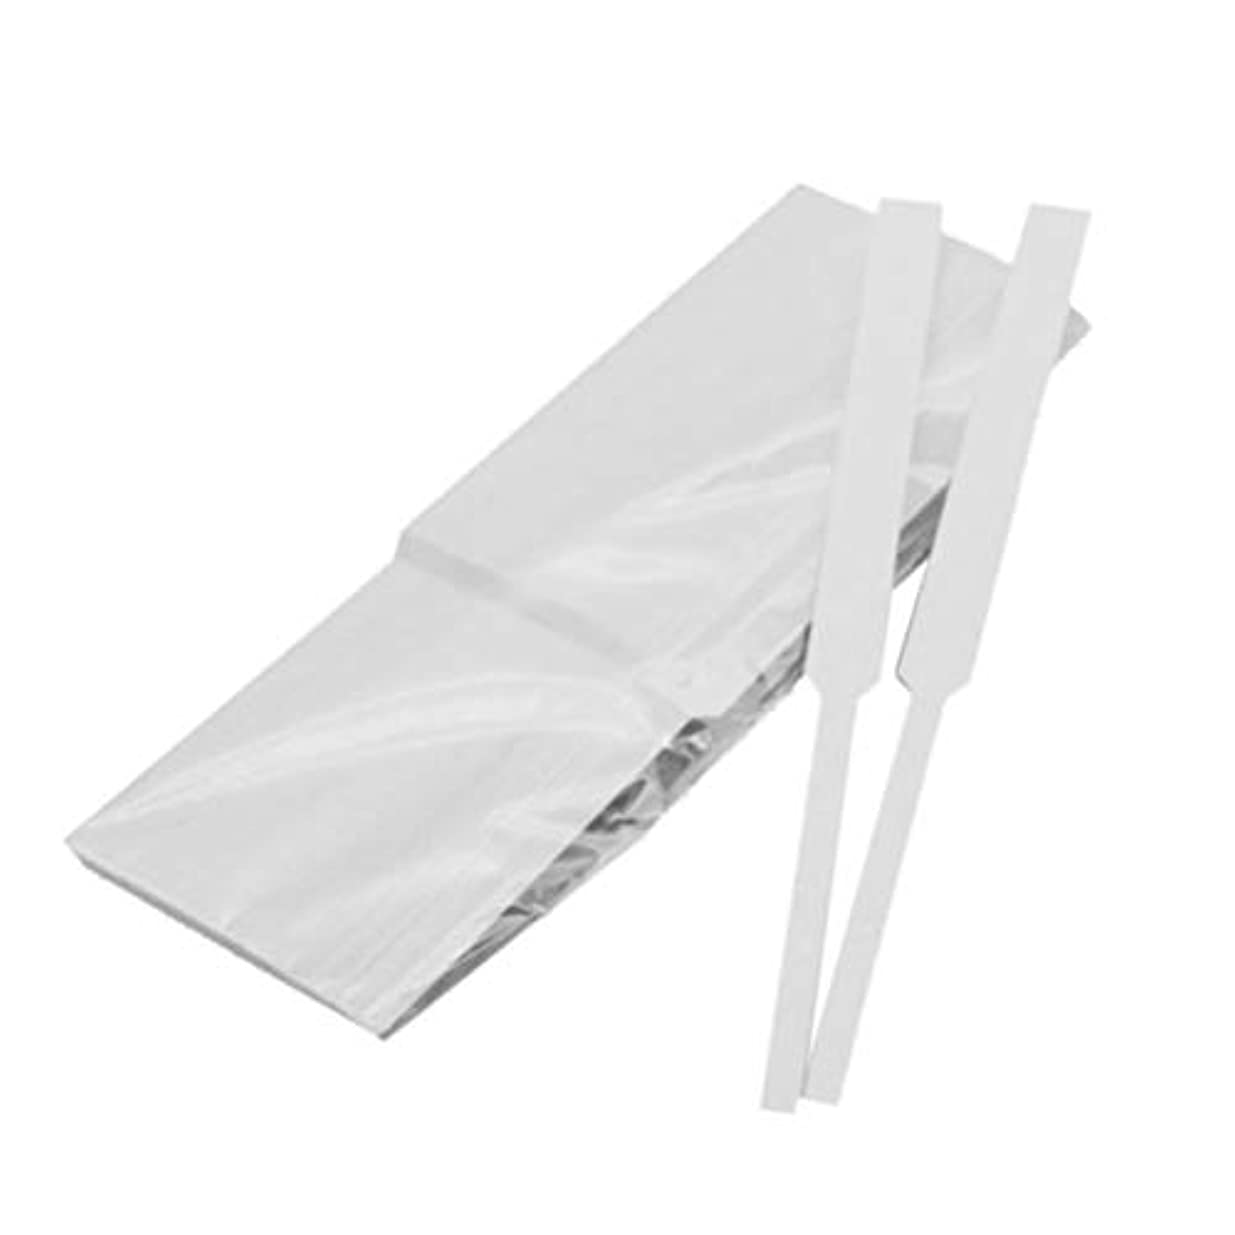 頭調和のとれた去るFrcolor 試香紙 香料試験紙 プロ用 香水 香水テストストリップ 匂い紙 アロマテラピー ペーパー 100本セット(スタイル1)